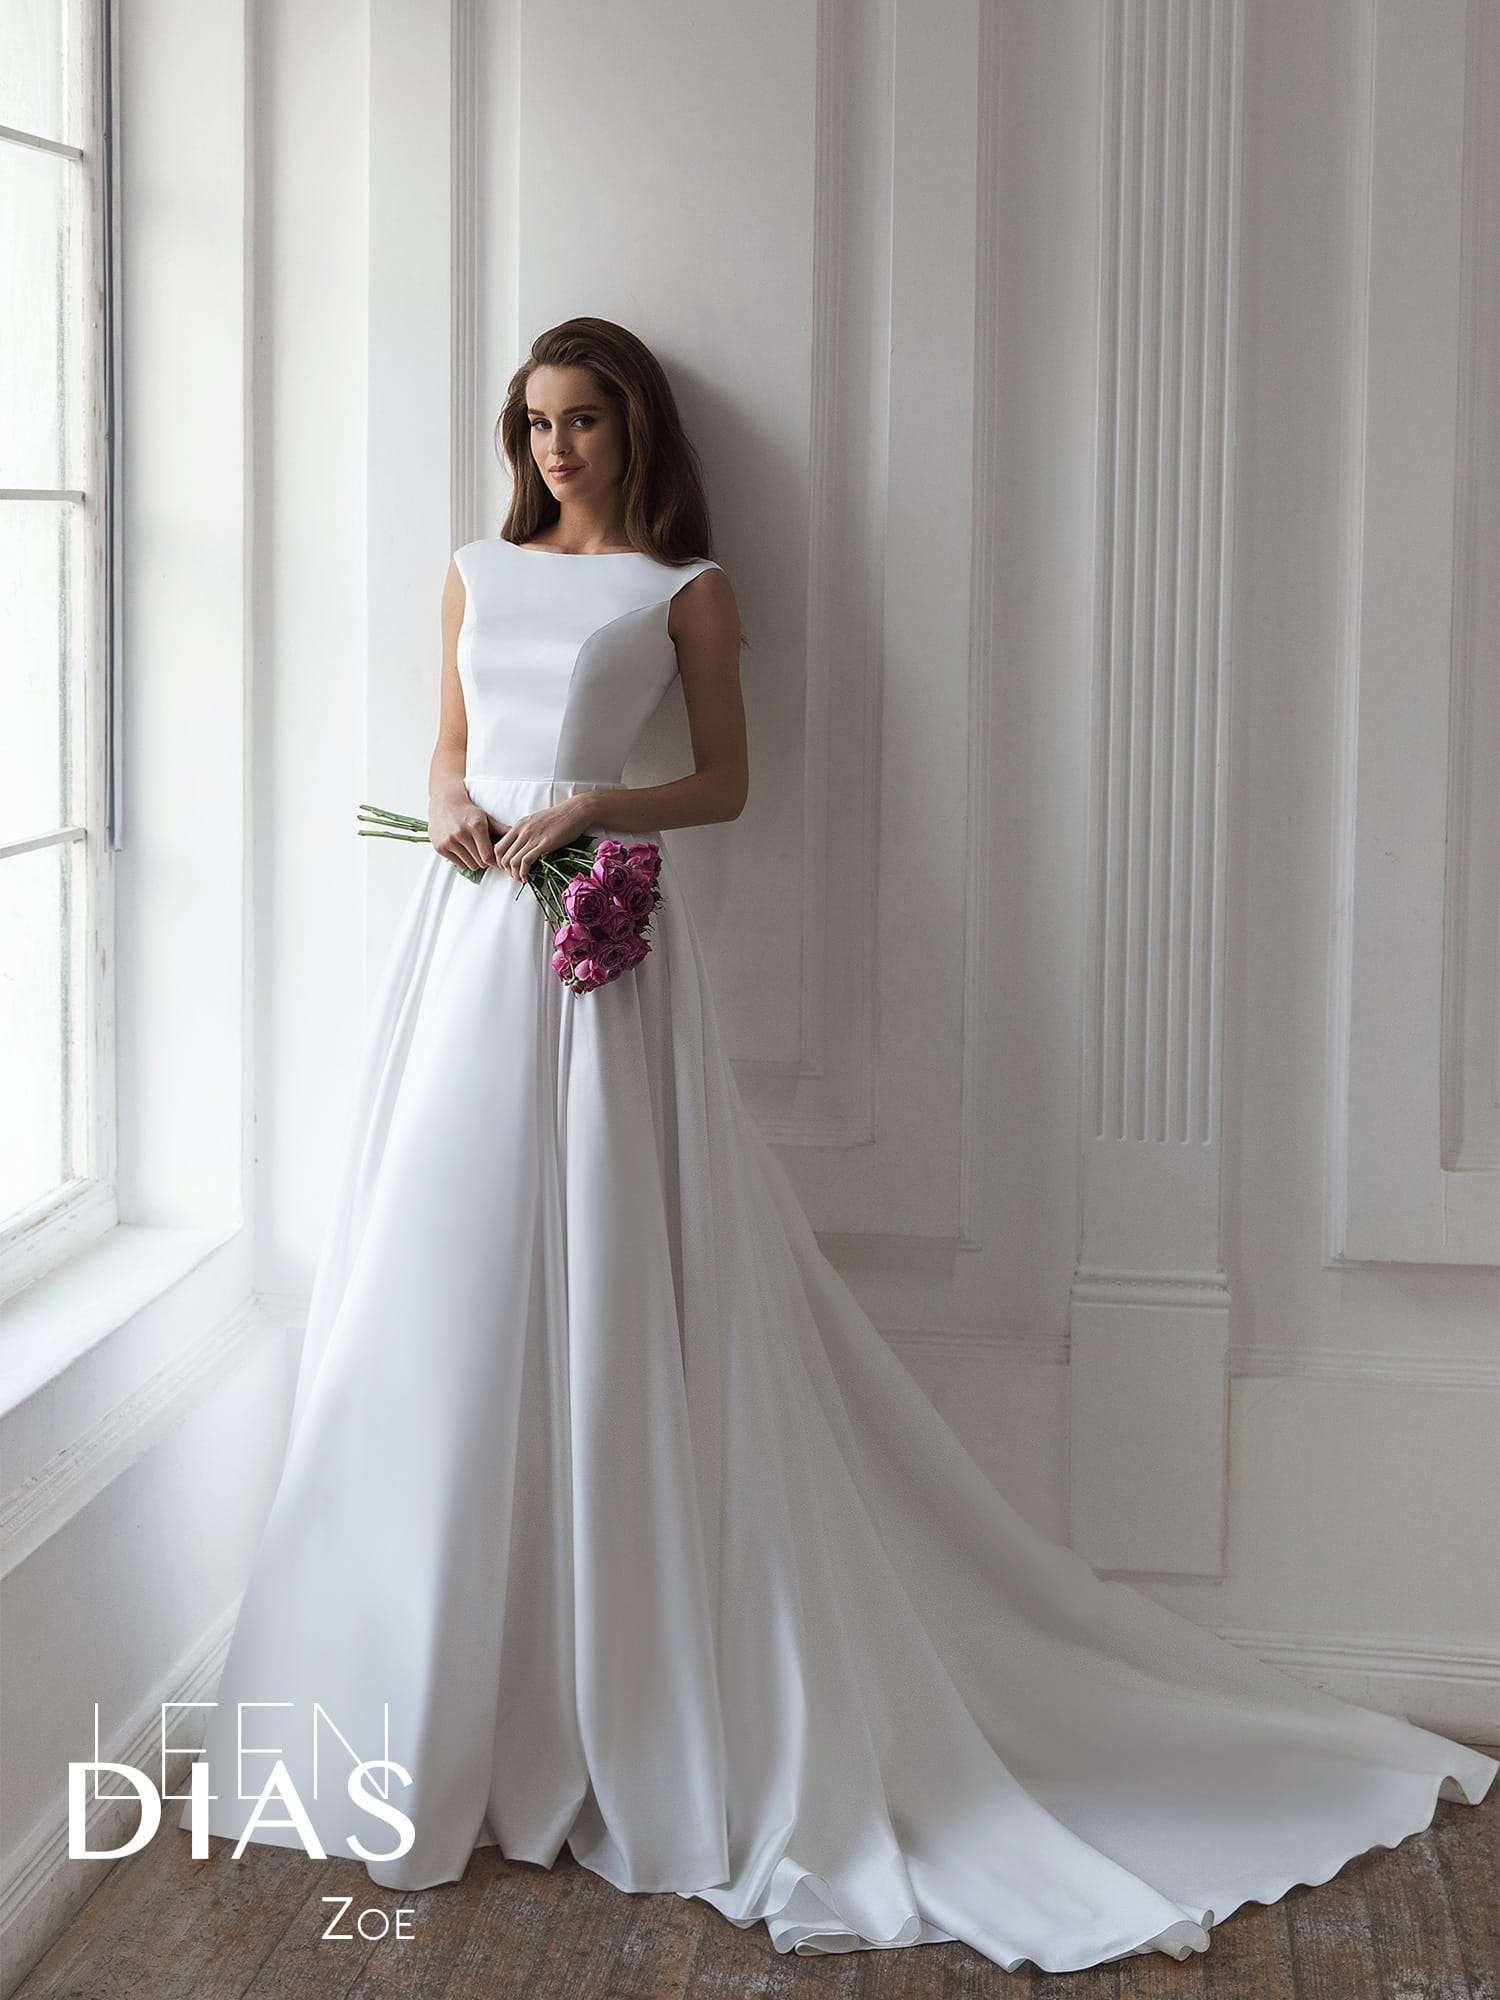 свадебное платье Zoe-1.1800x1800w_1